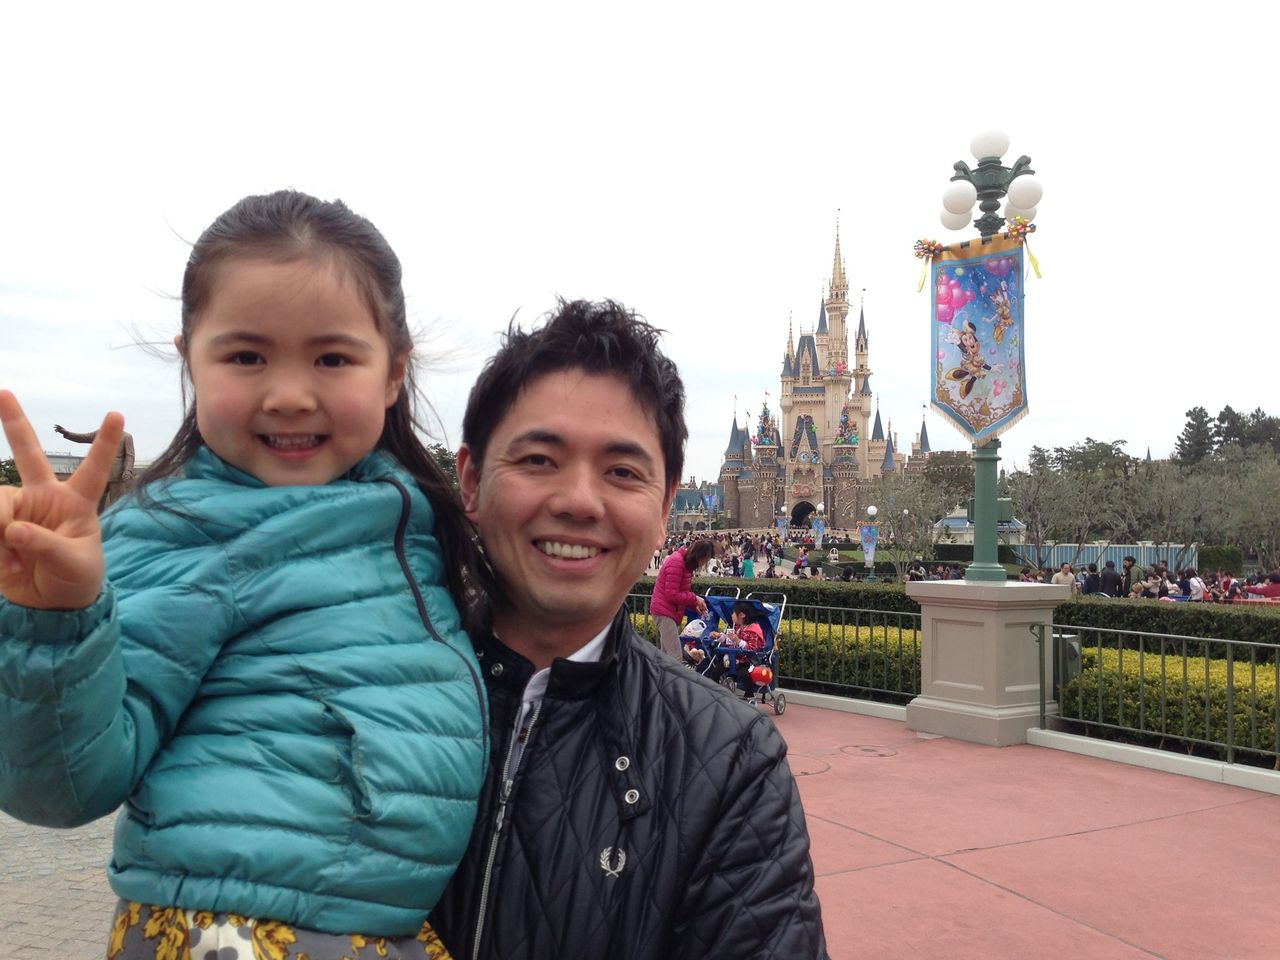 桂 春蝶オフィシャルブログ : 家族でディズニーランド